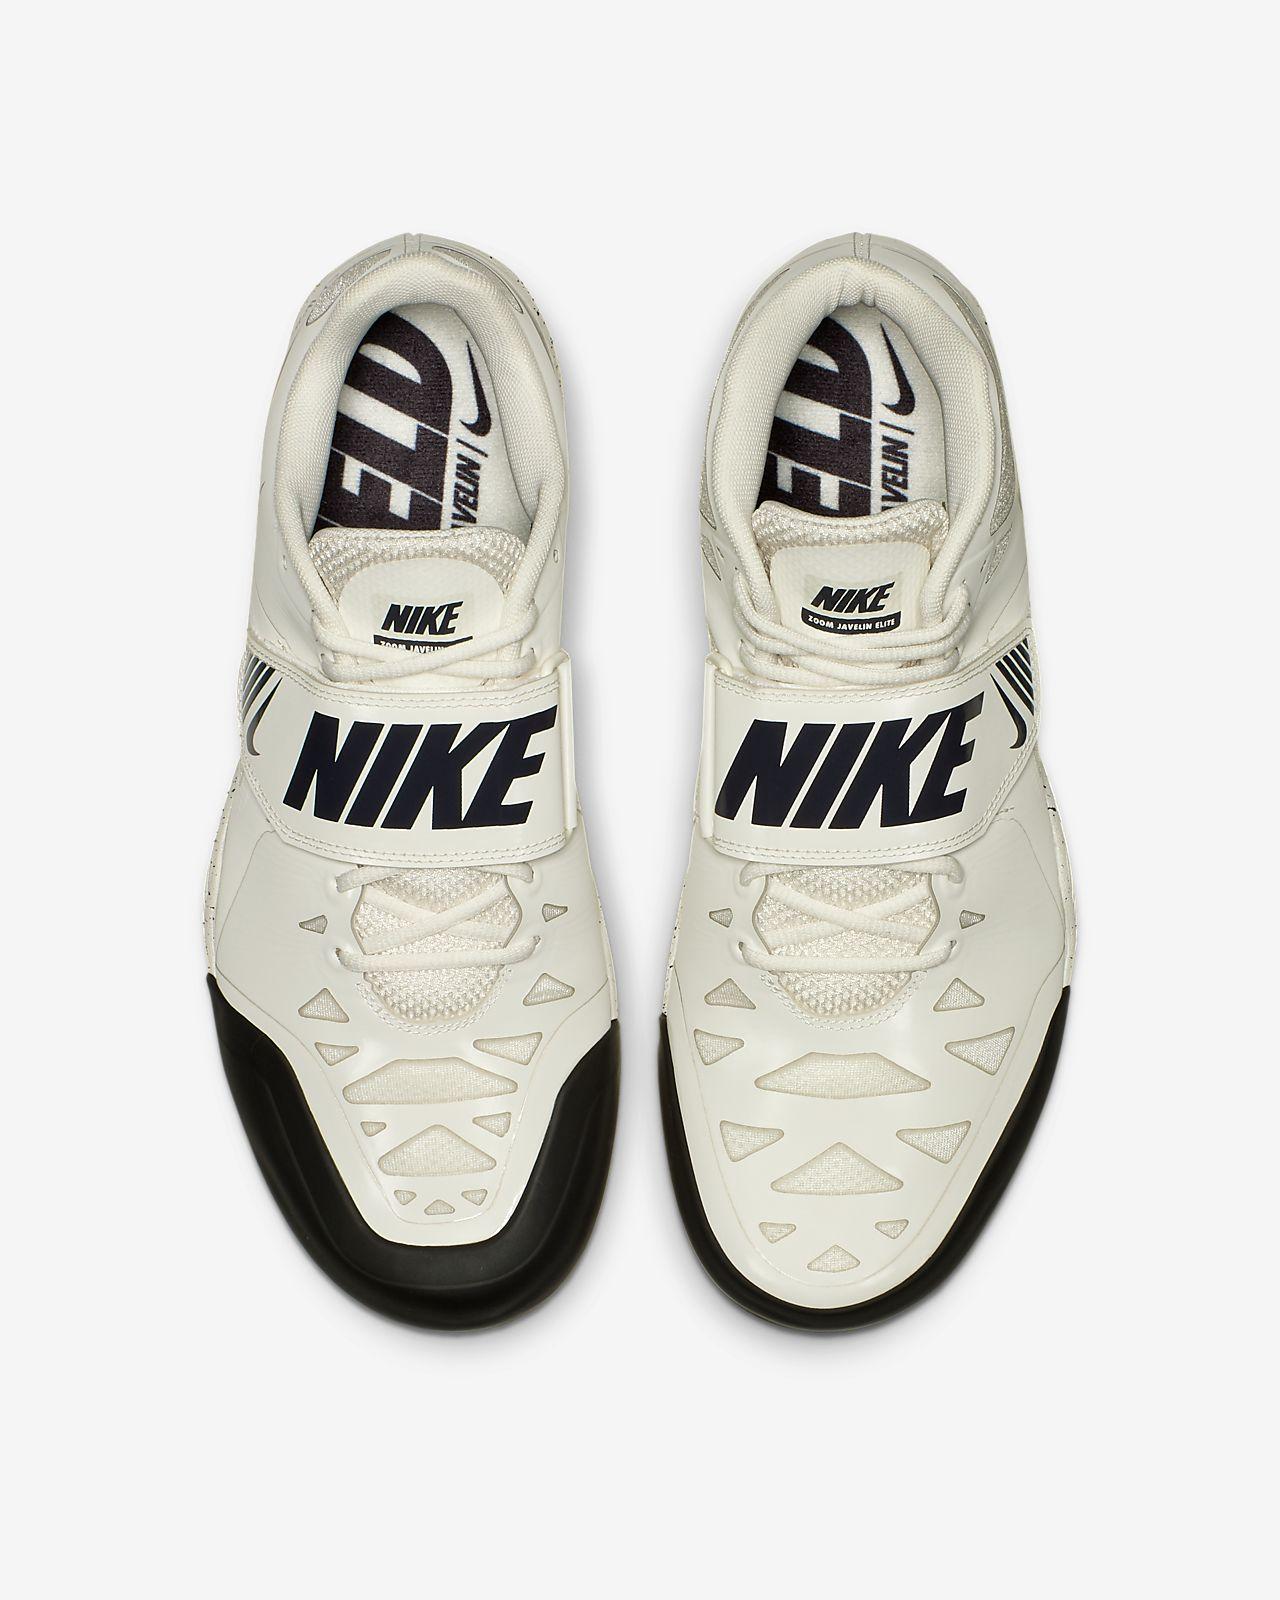 1de258a0888a2 Nike Zoom Javelin Elite 2 Unisex Throwing Spike. Nike.com